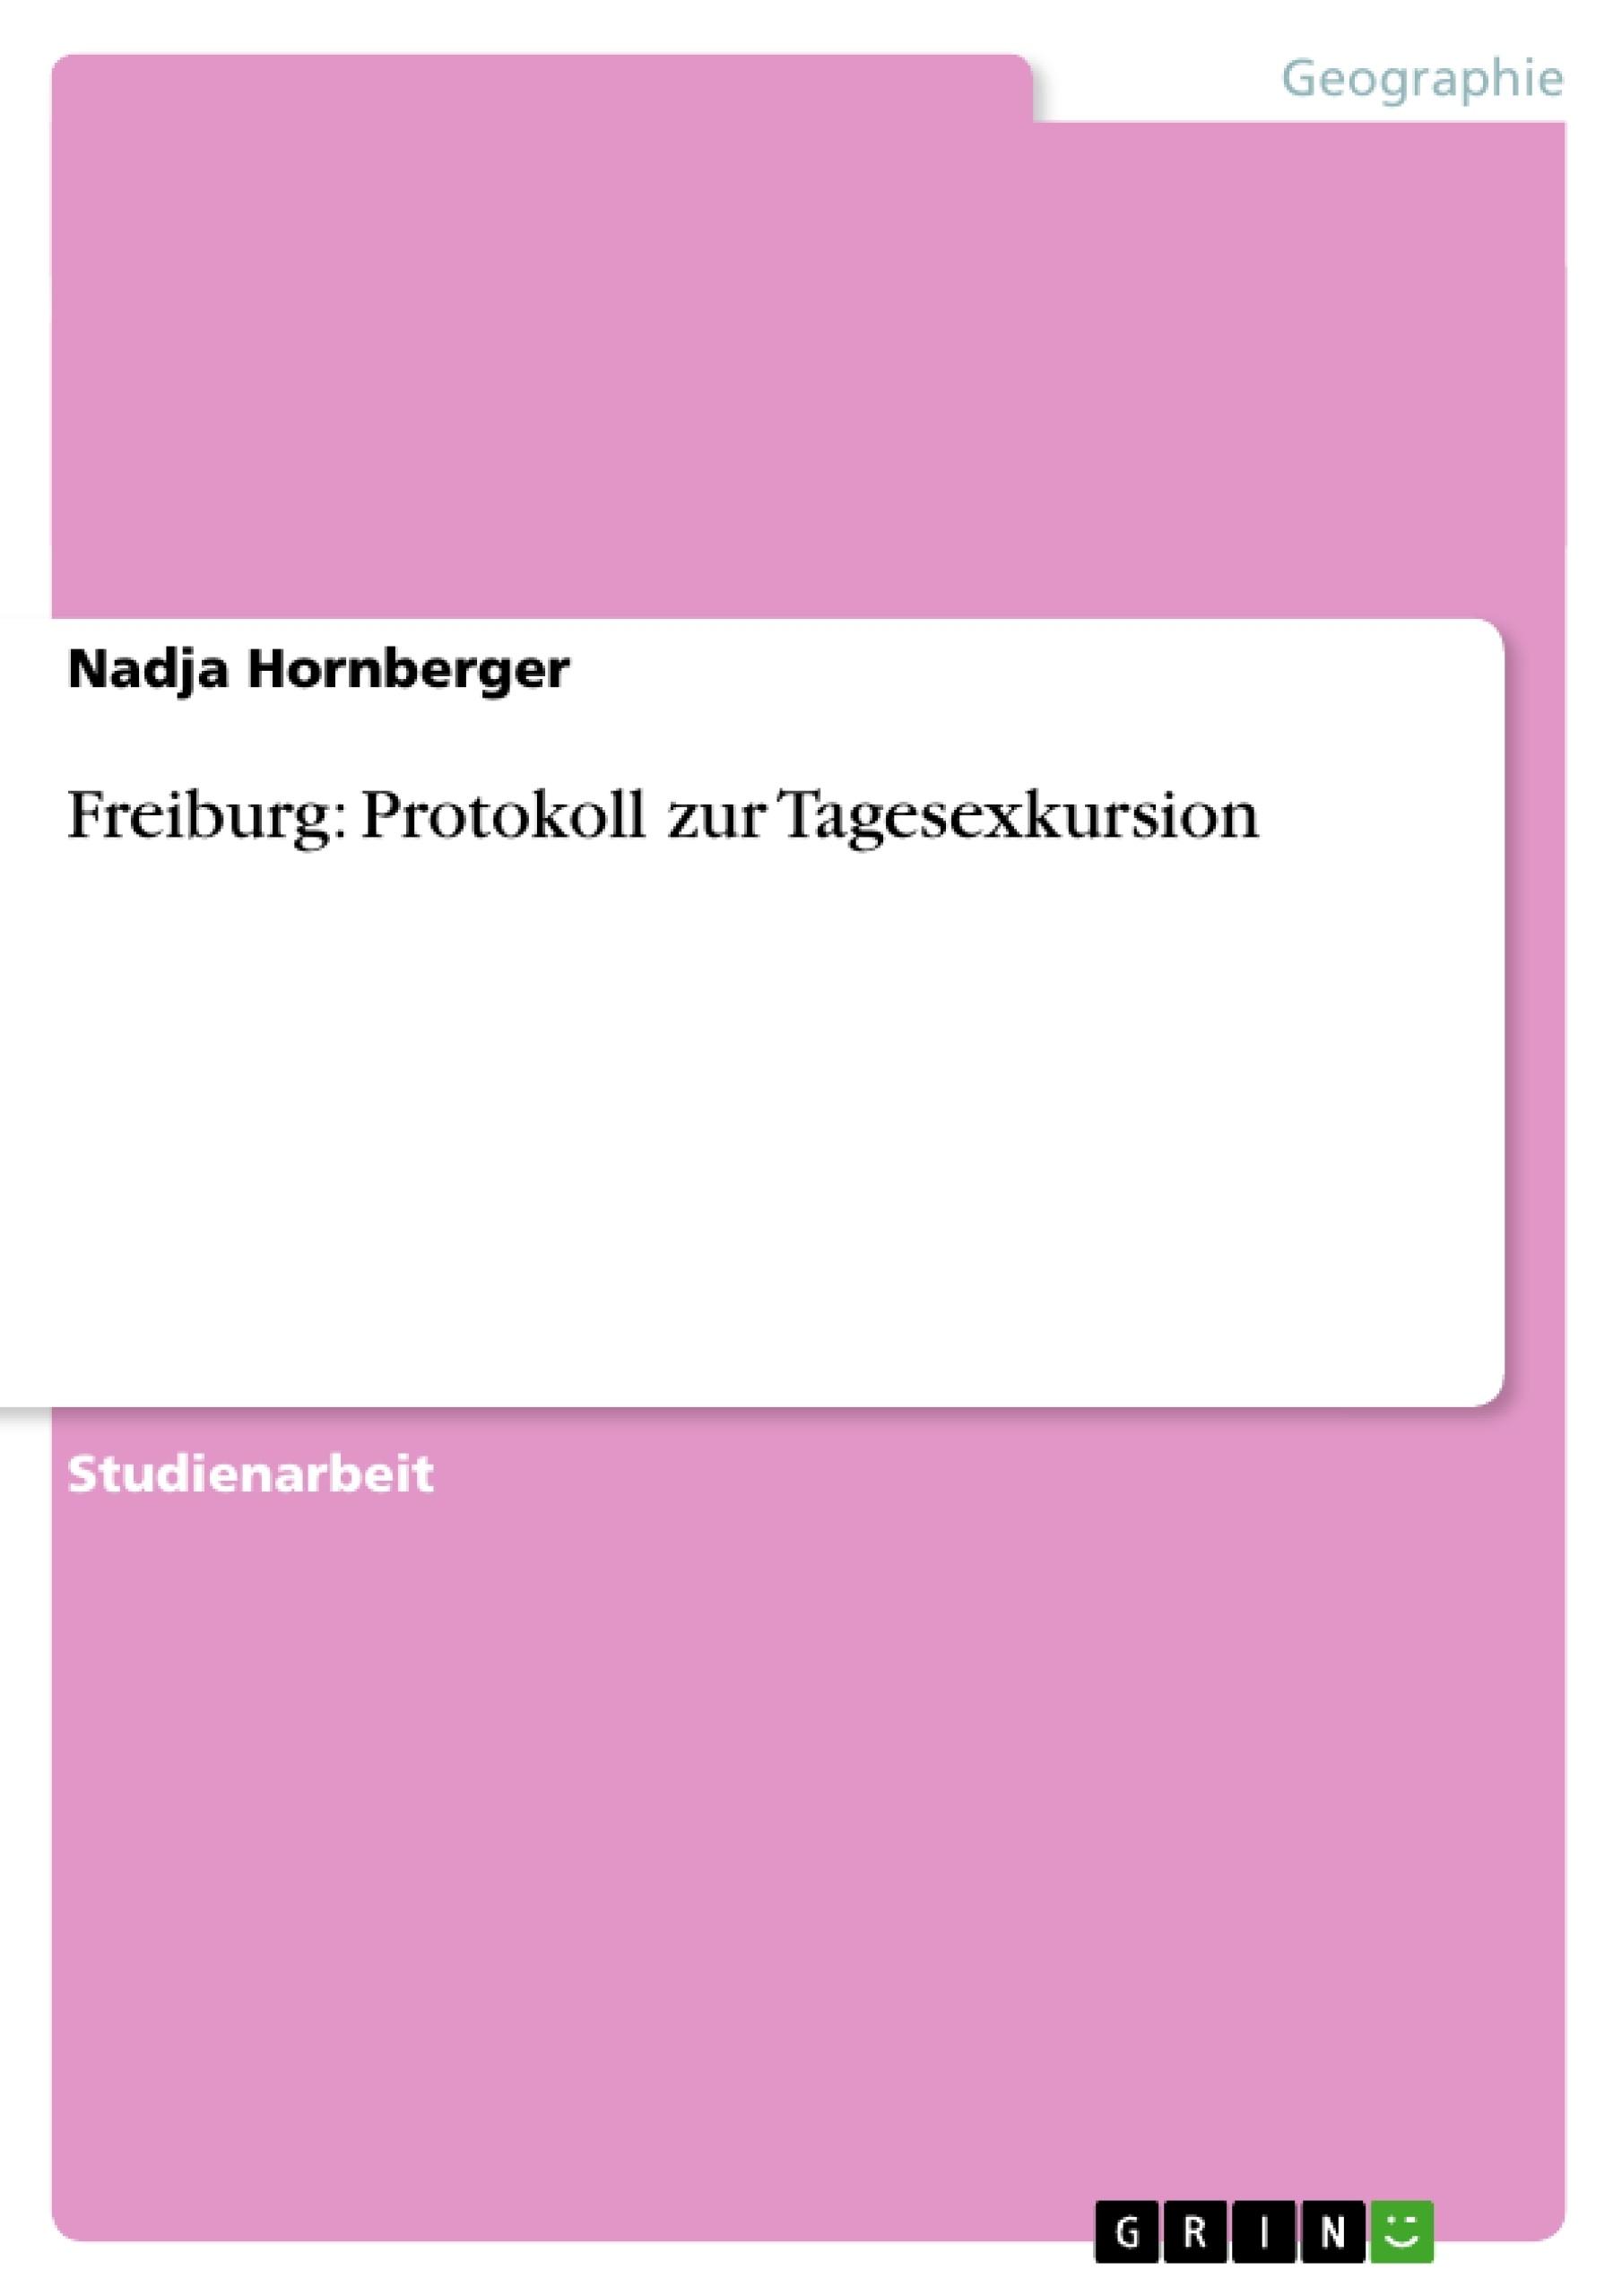 Titel: Freiburg: Protokoll zur Tagesexkursion